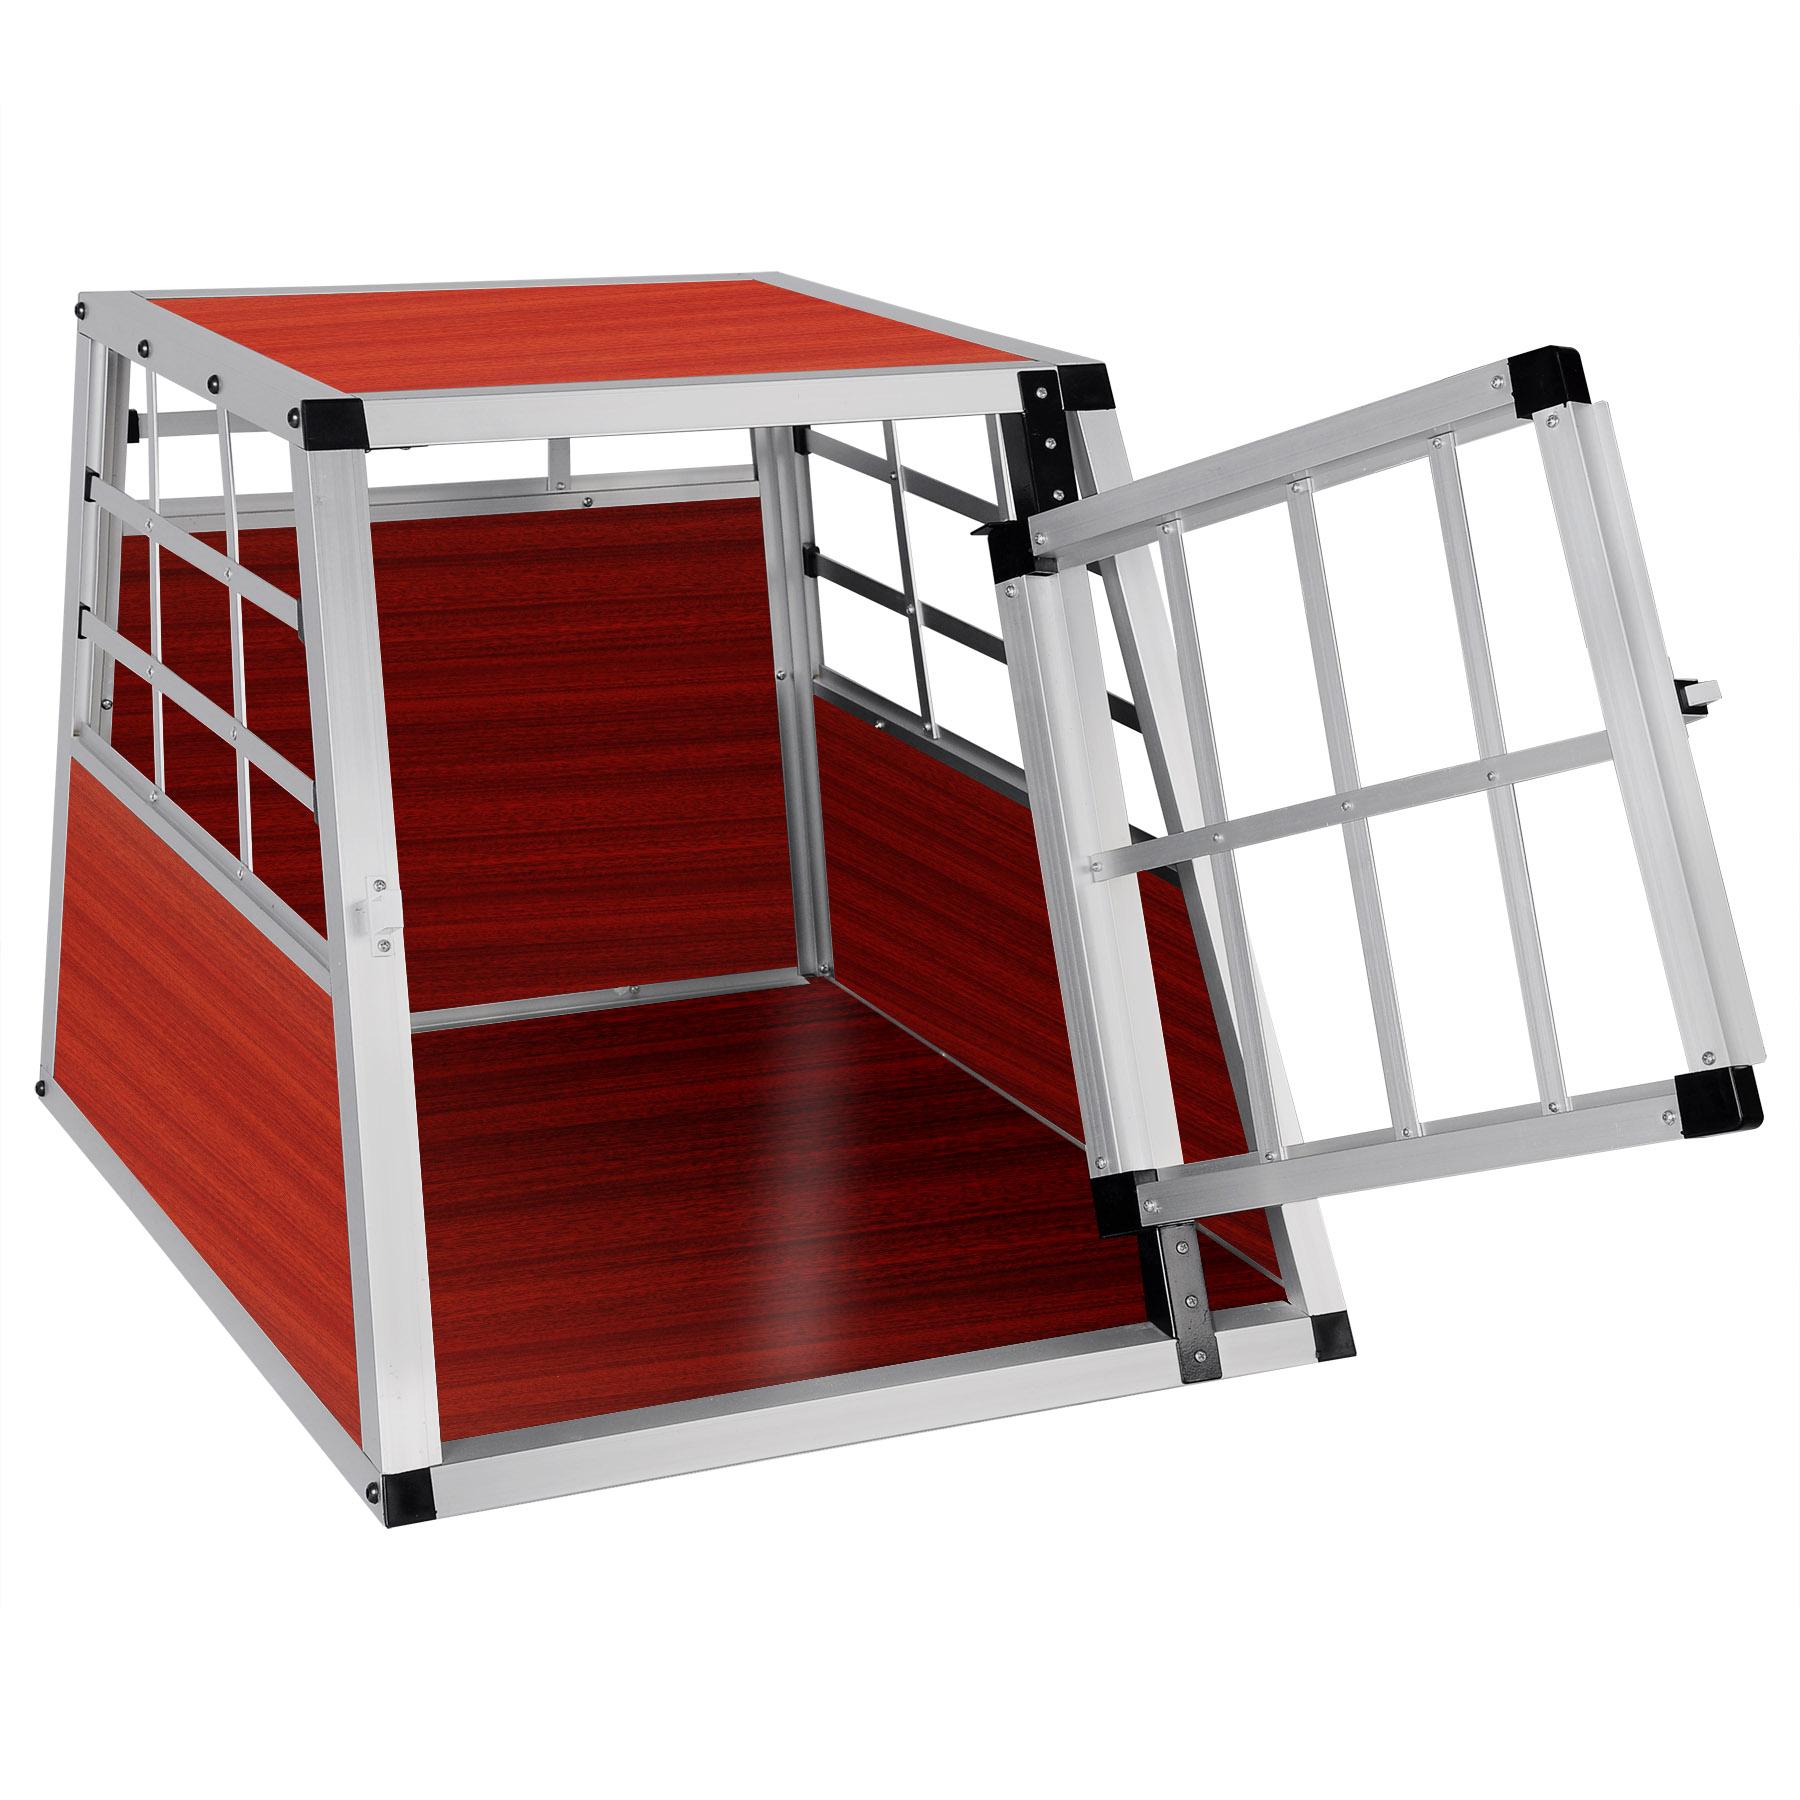 hundetransportbox hundebox alu hunde reisebox gitterbox. Black Bedroom Furniture Sets. Home Design Ideas